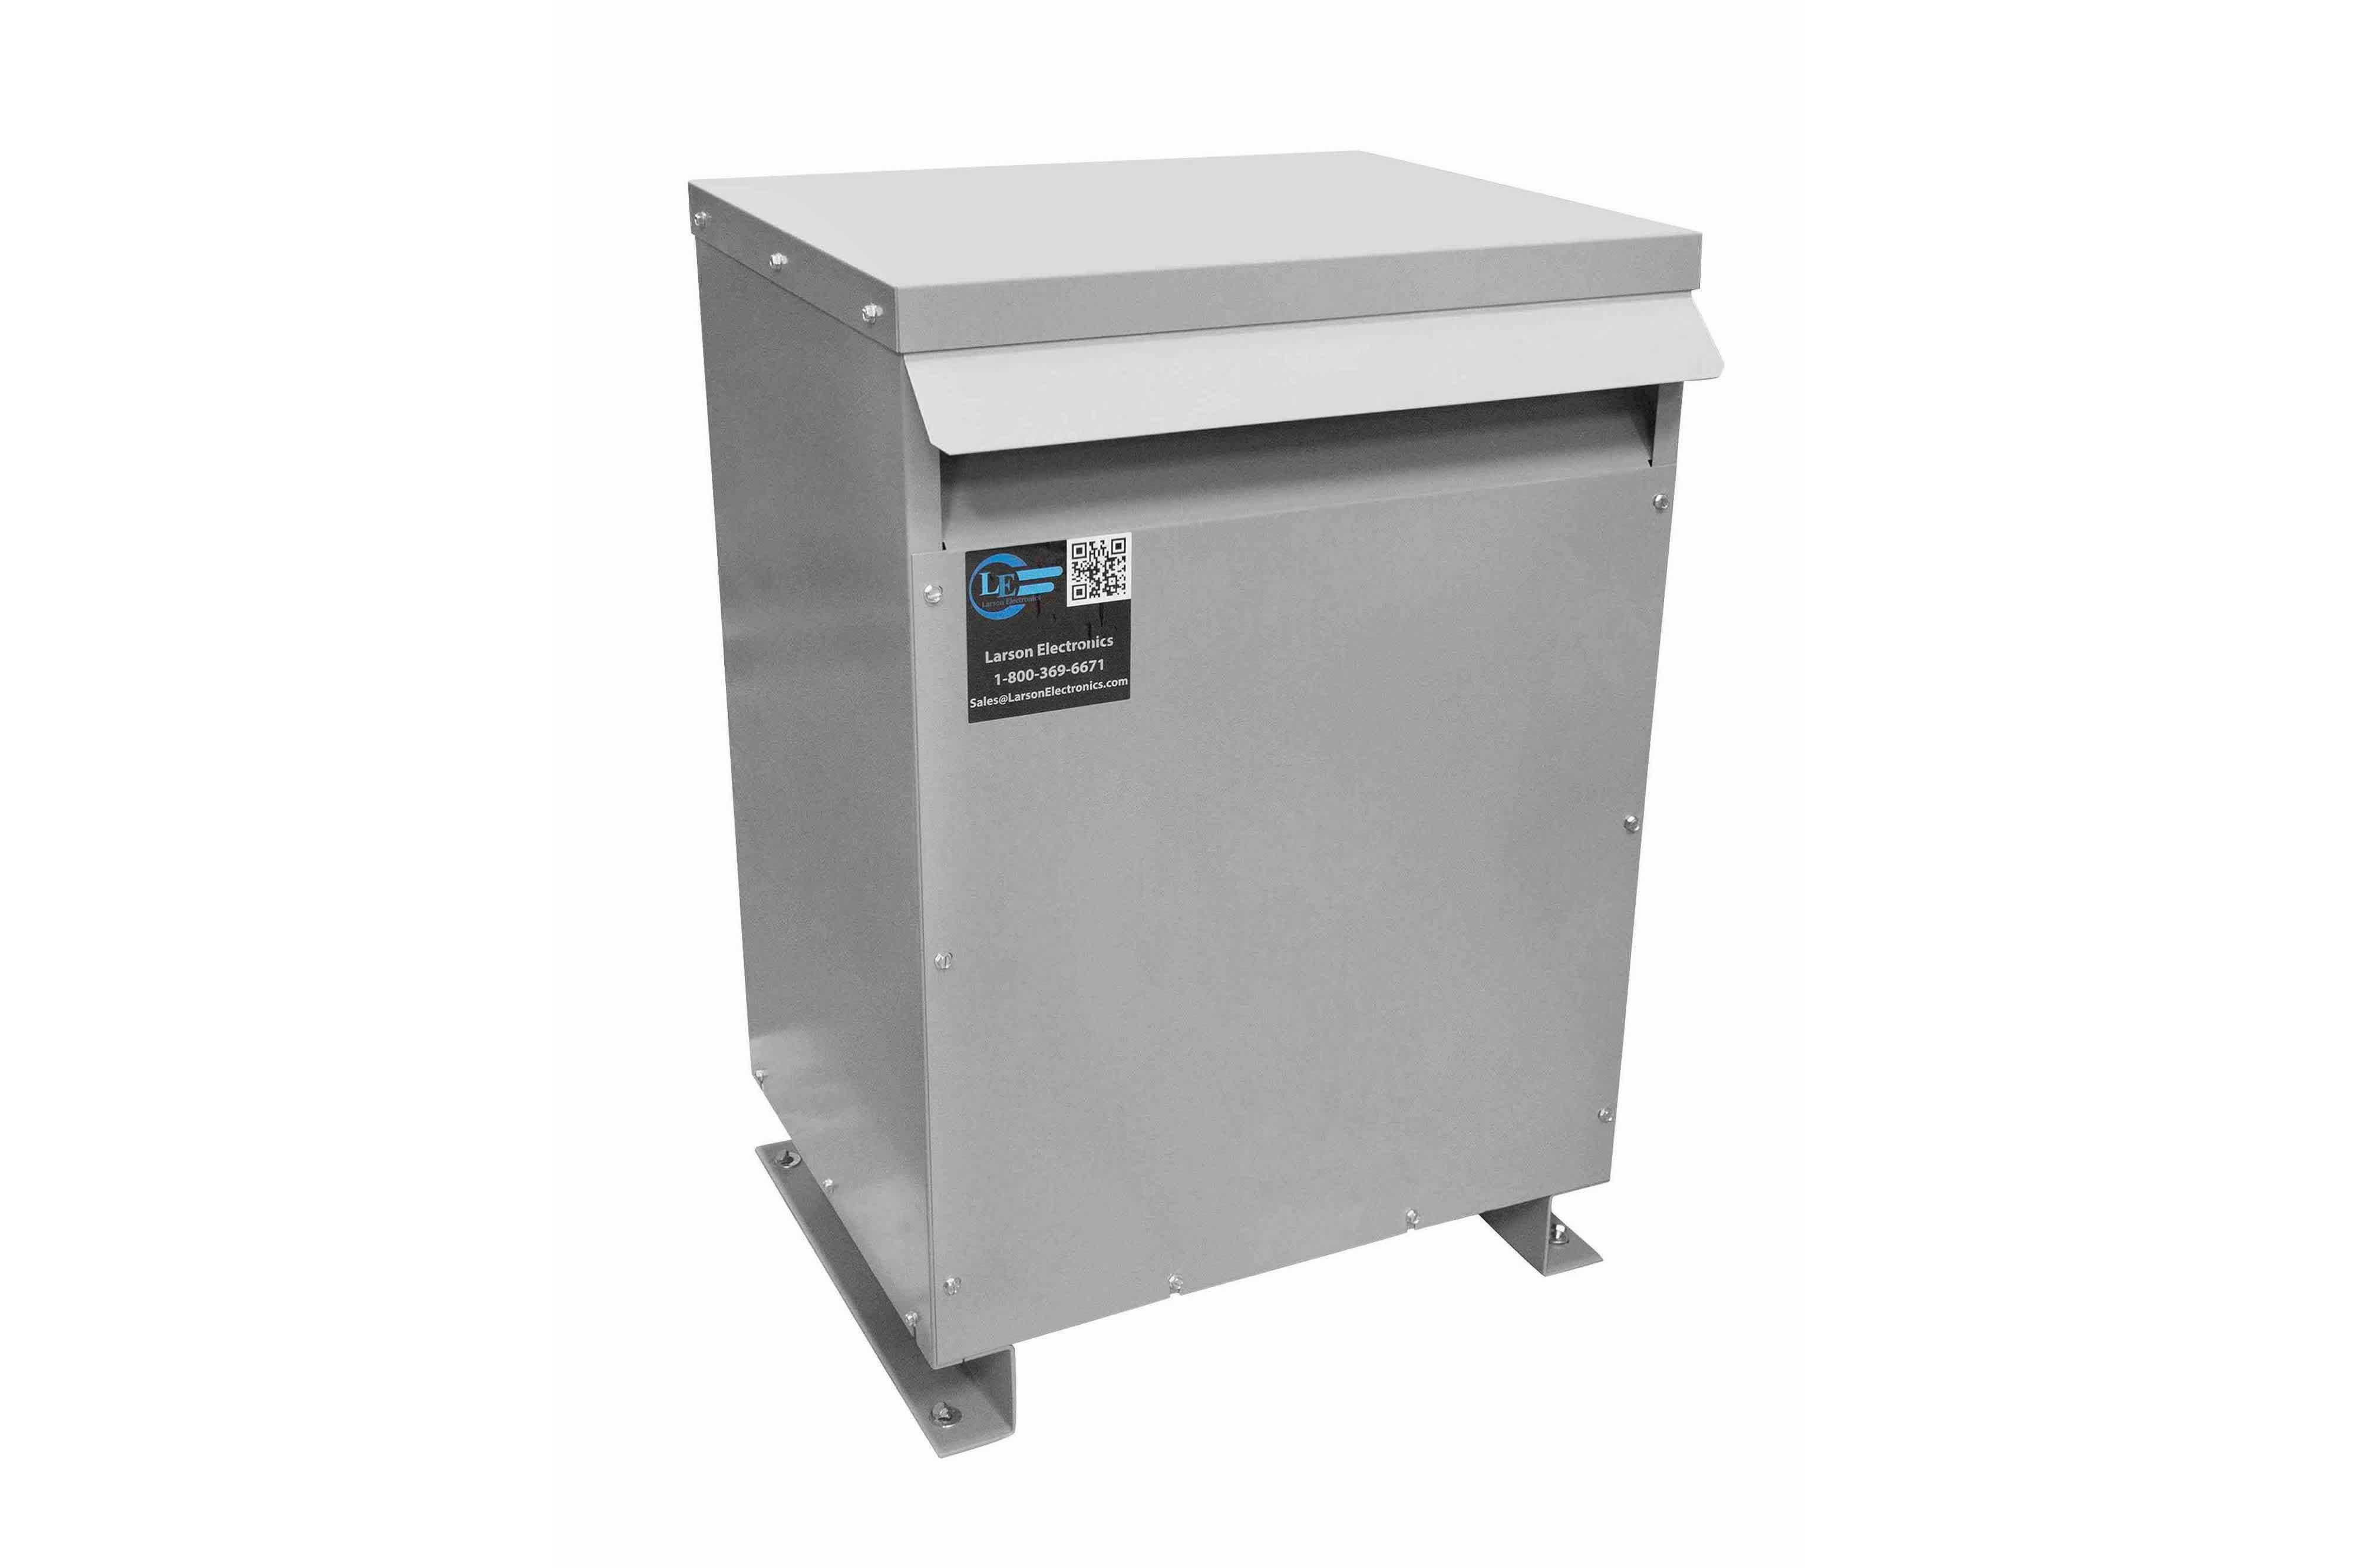 36 kVA 3PH Isolation Transformer, 600V Delta Primary, 208V Delta Secondary, N3R, Ventilated, 60 Hz